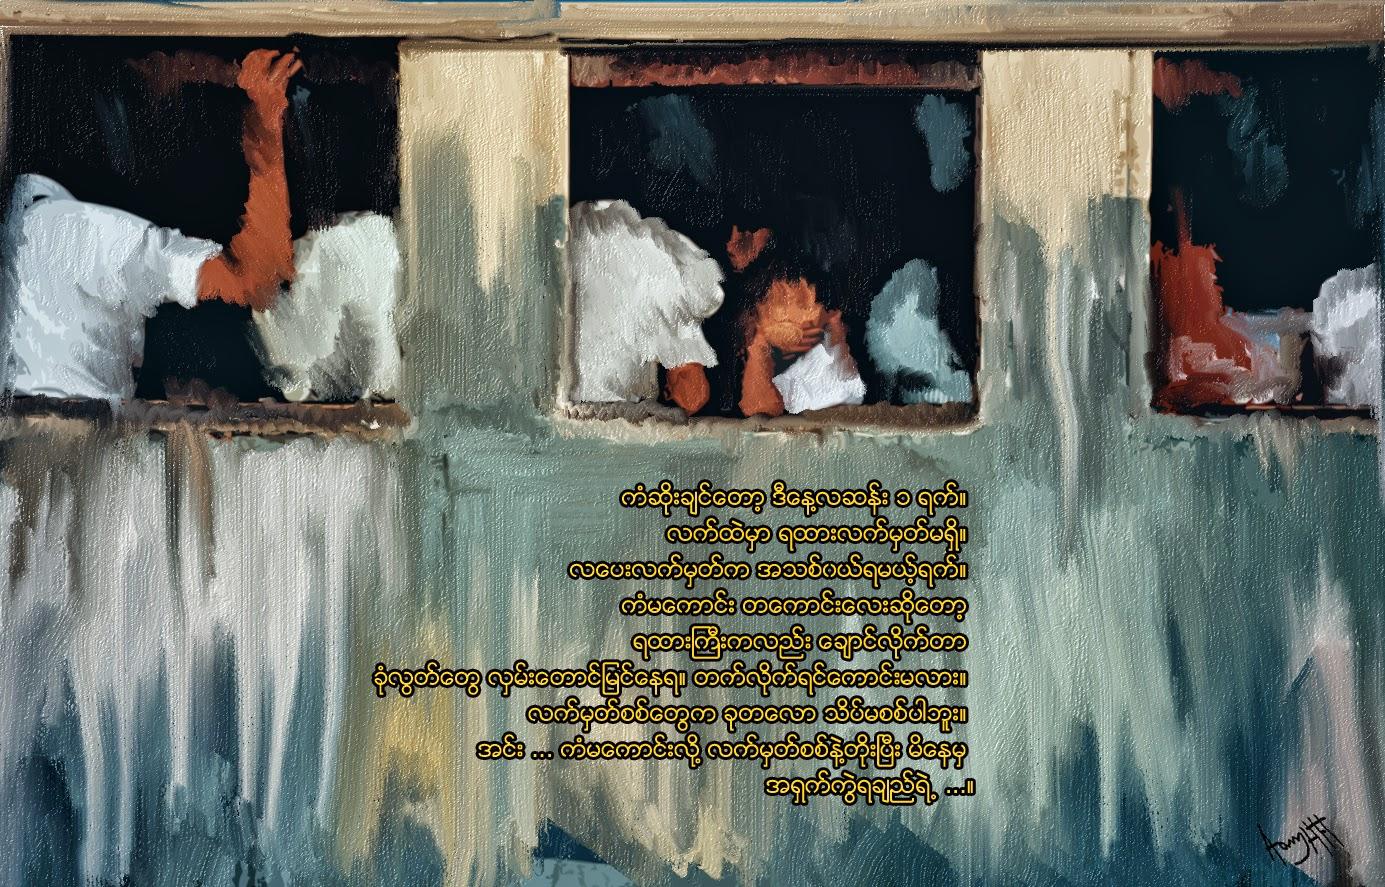 စပယ္ – ရေကာက္ ရထားႀကီး ေပ်ာ္ေပ်ာ္စီး (အပုိင္း – ၁)